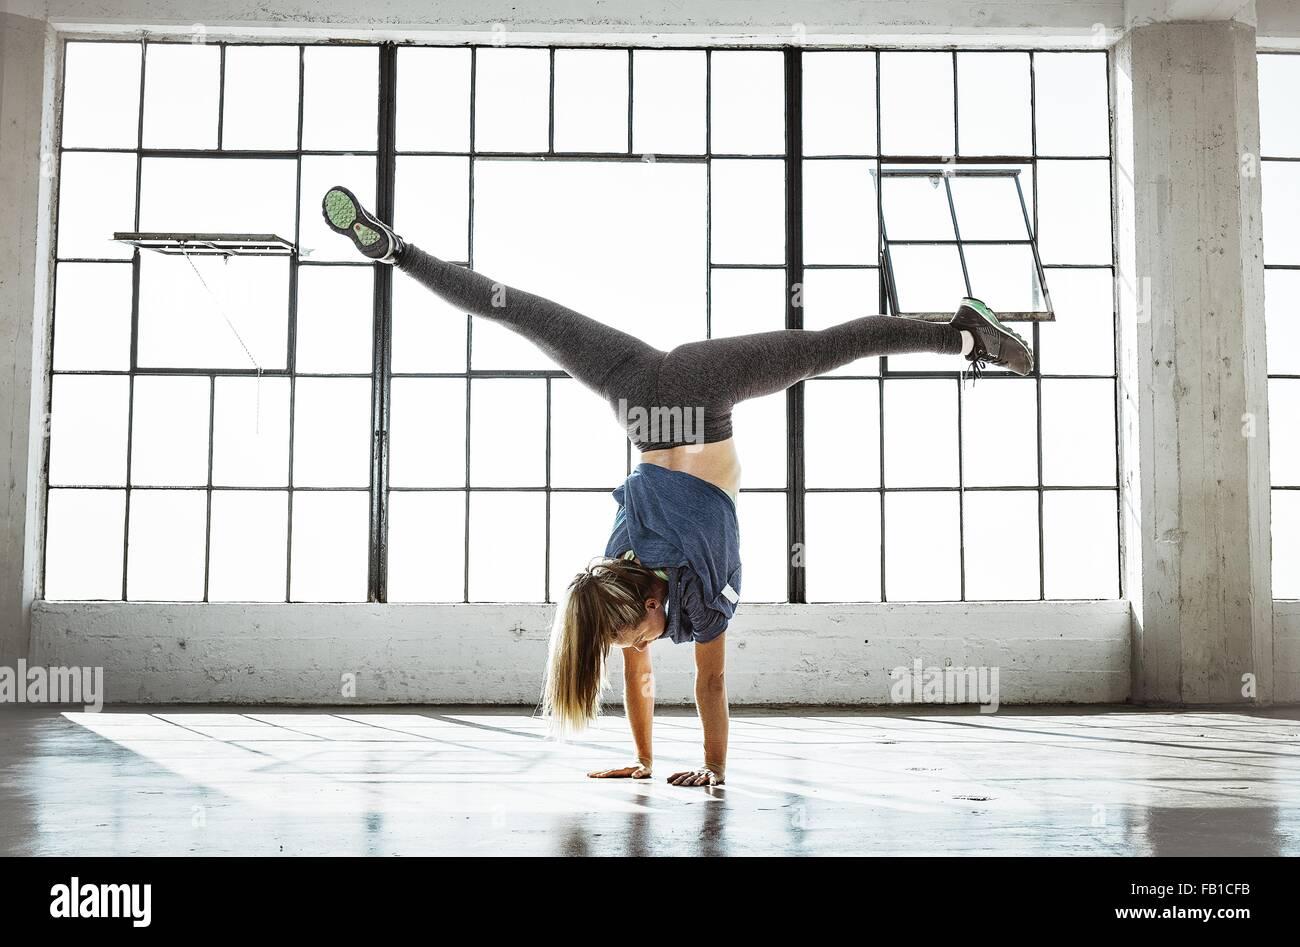 Rückansicht des jungen Frau im Fitnessstudio machen Handstand, offene Beine Stockbild